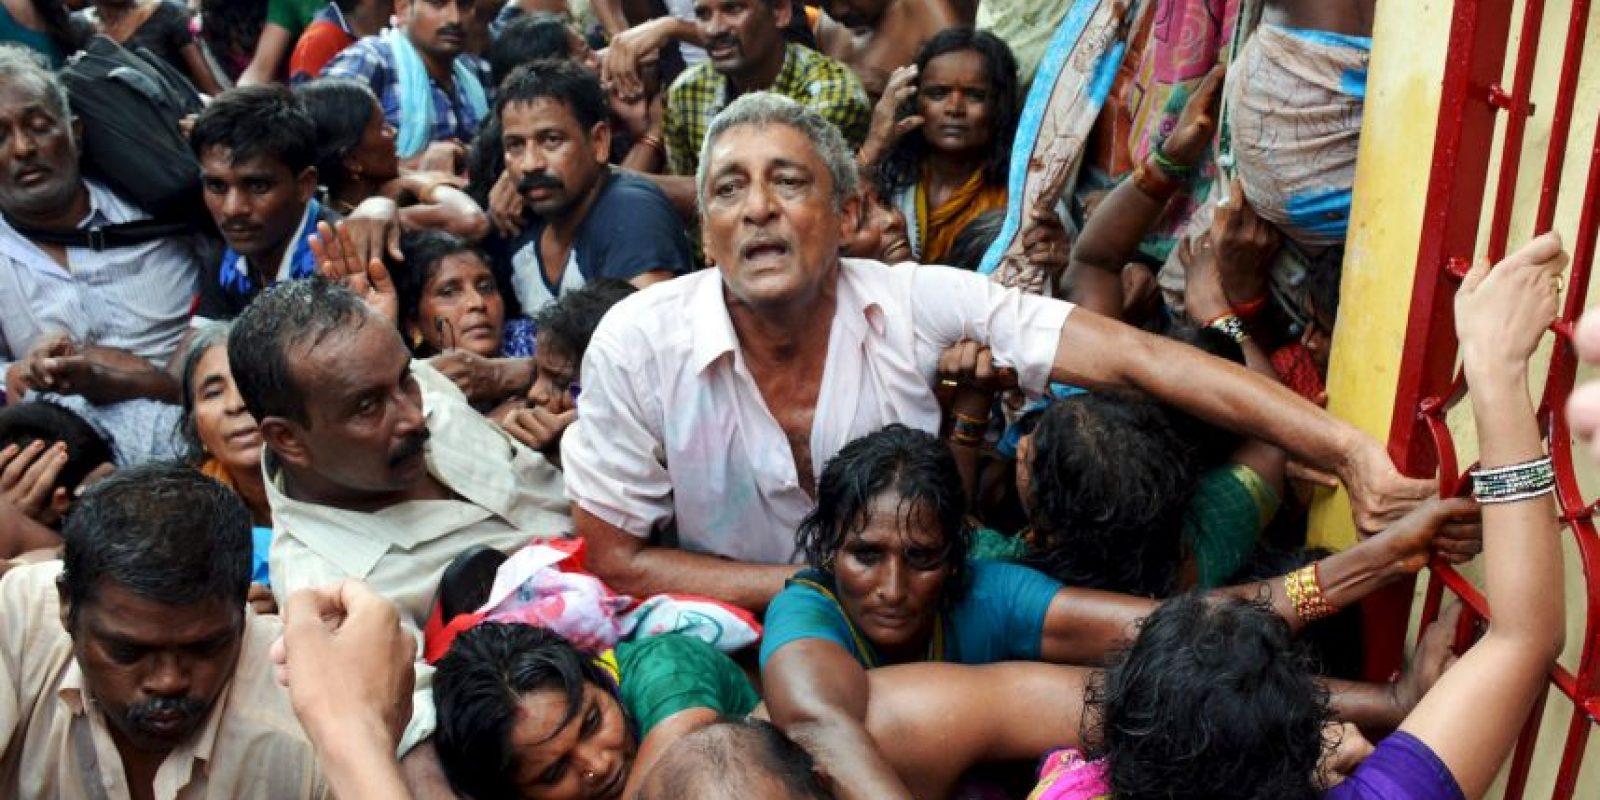 Una estampida se registró en la India esta semana durante un evento religioso. Foto:AFP